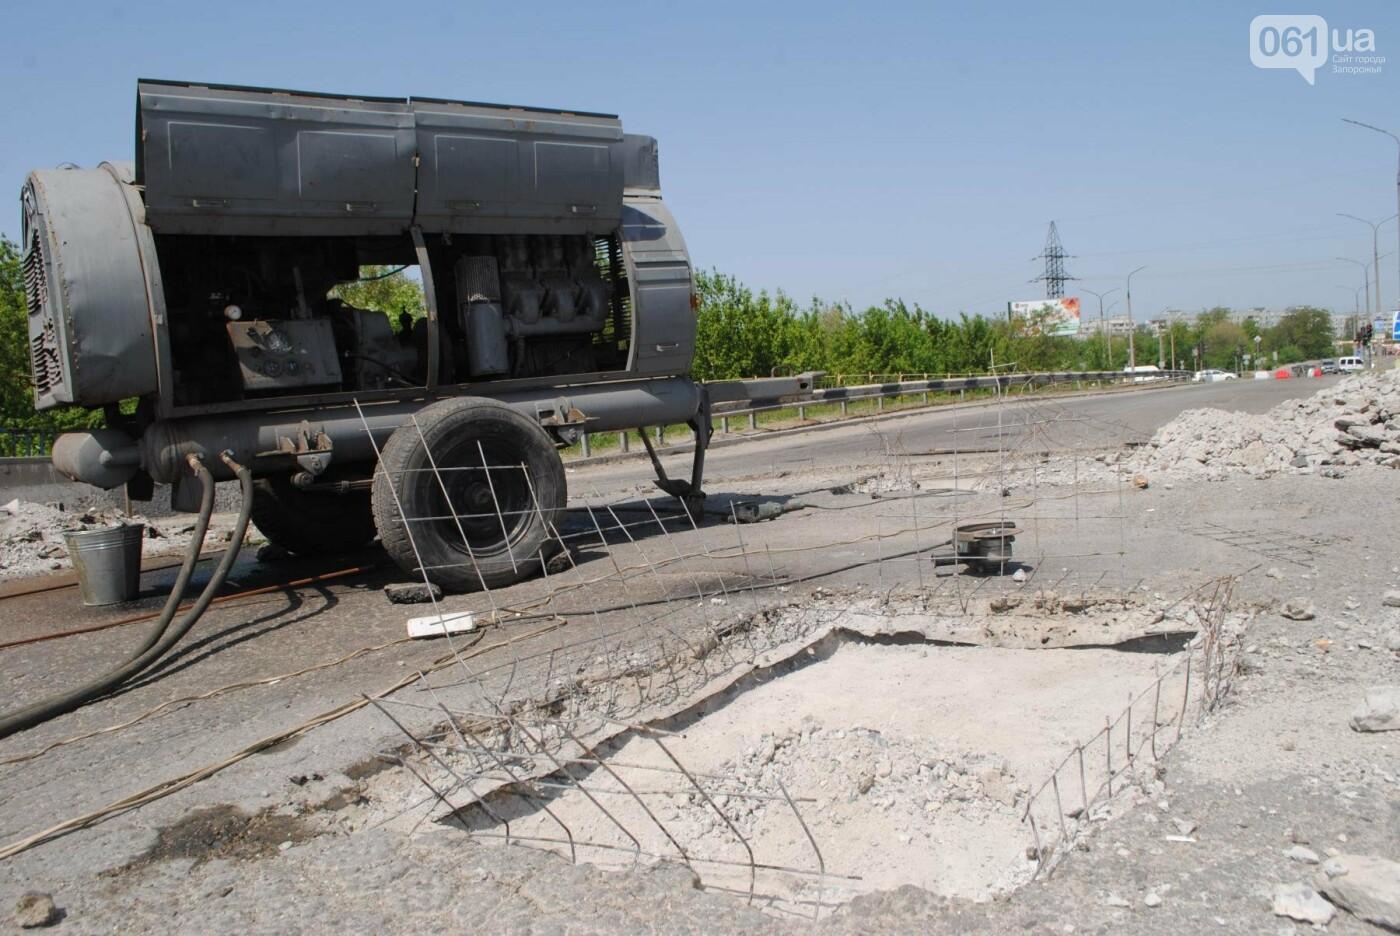 Ремонт моста на трассе в Запорожье: сначала мешали дожди, теперь — жара, - ФОТО, фото-2